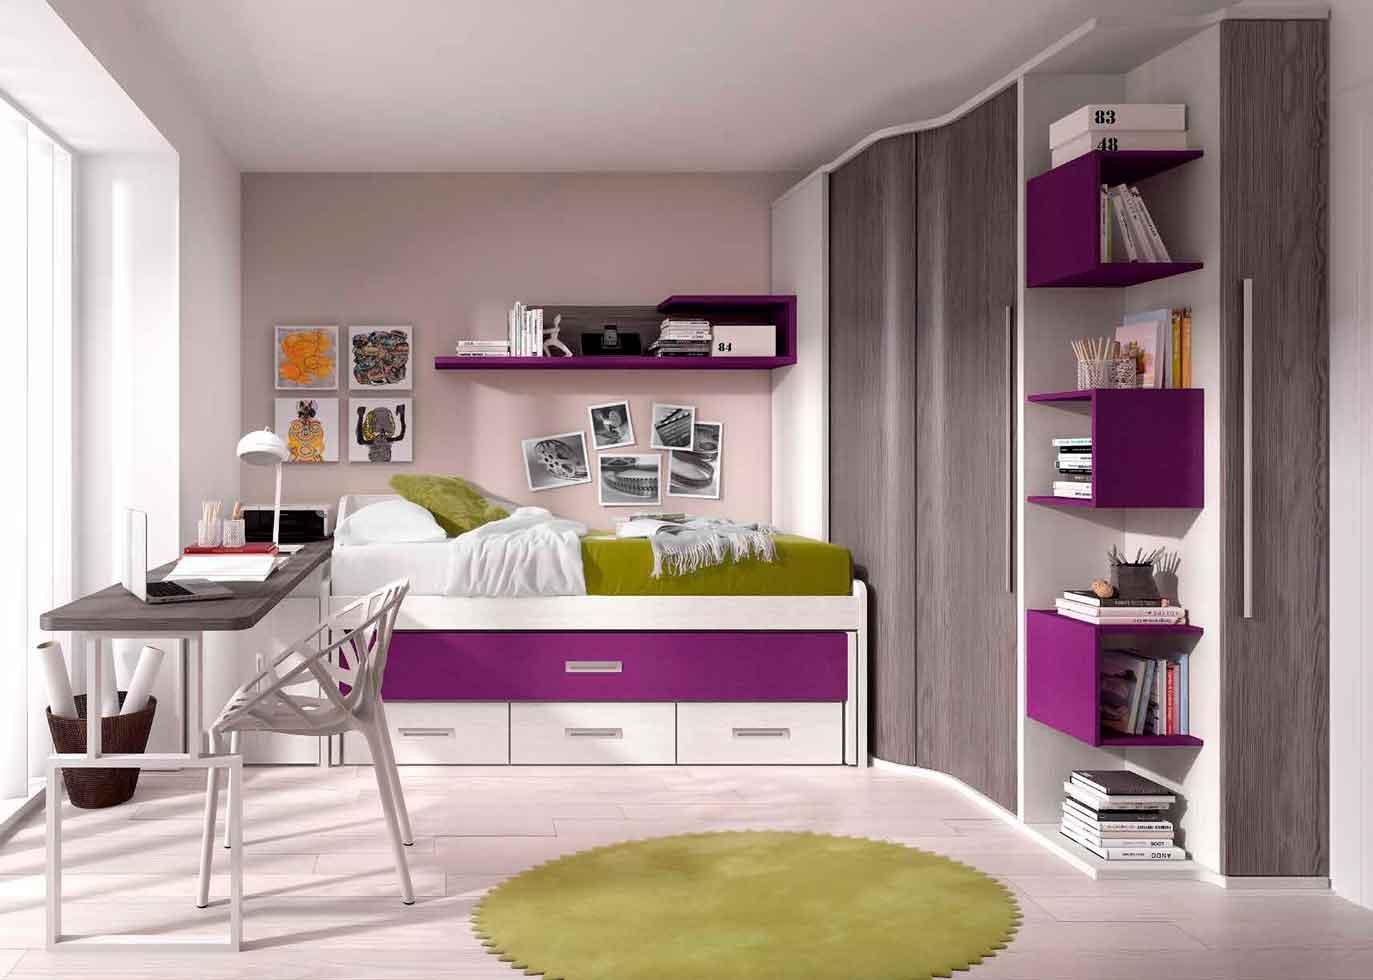 Dormitorio Juvenil Cetus Muebles D Azmuebles D Az # Muebles Nervion